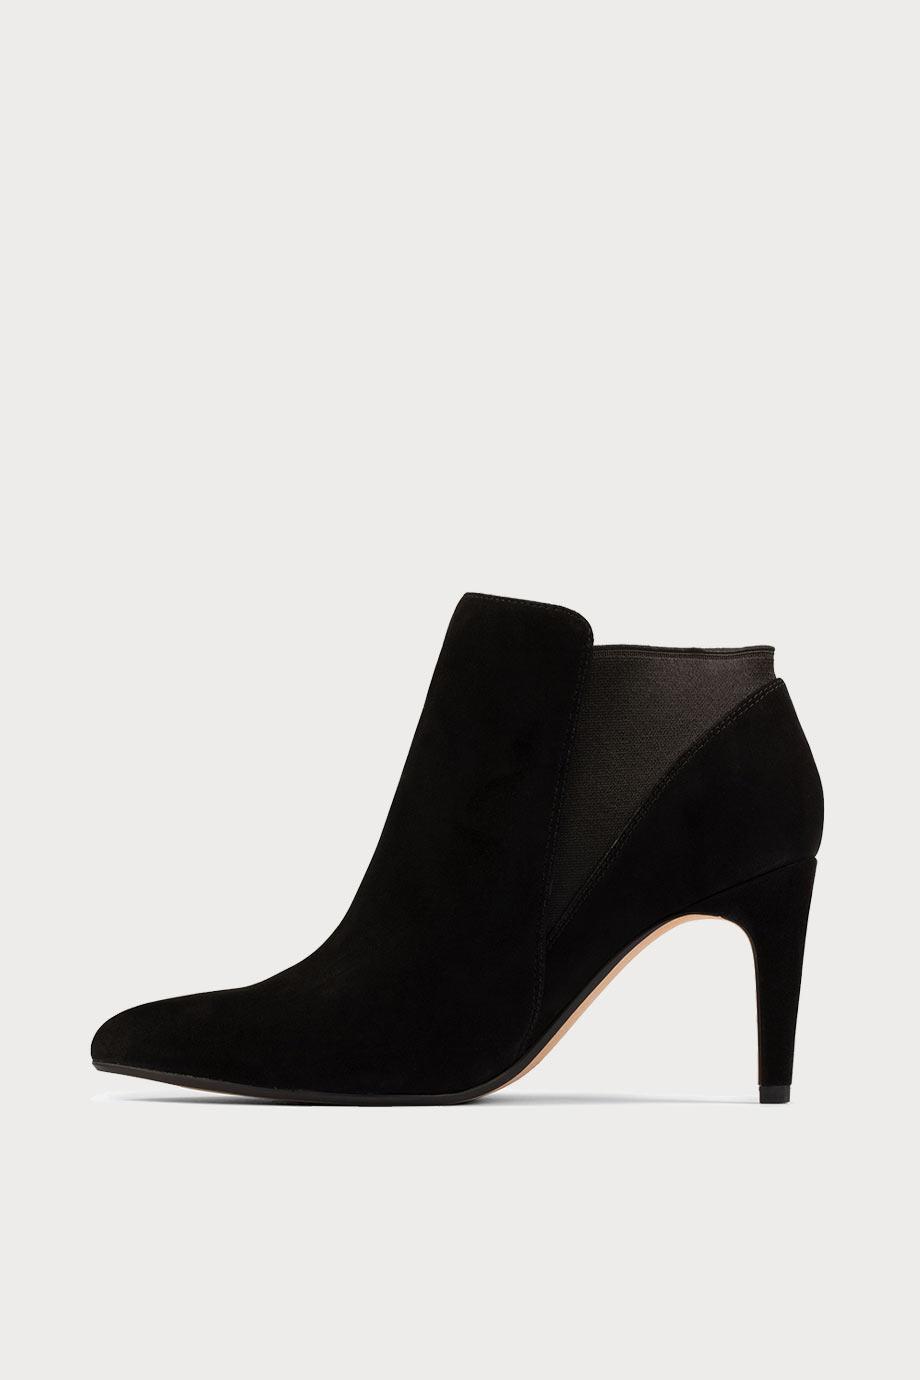 spiridoula metheniti shoes xalkida p laina violet black suede clarks 3